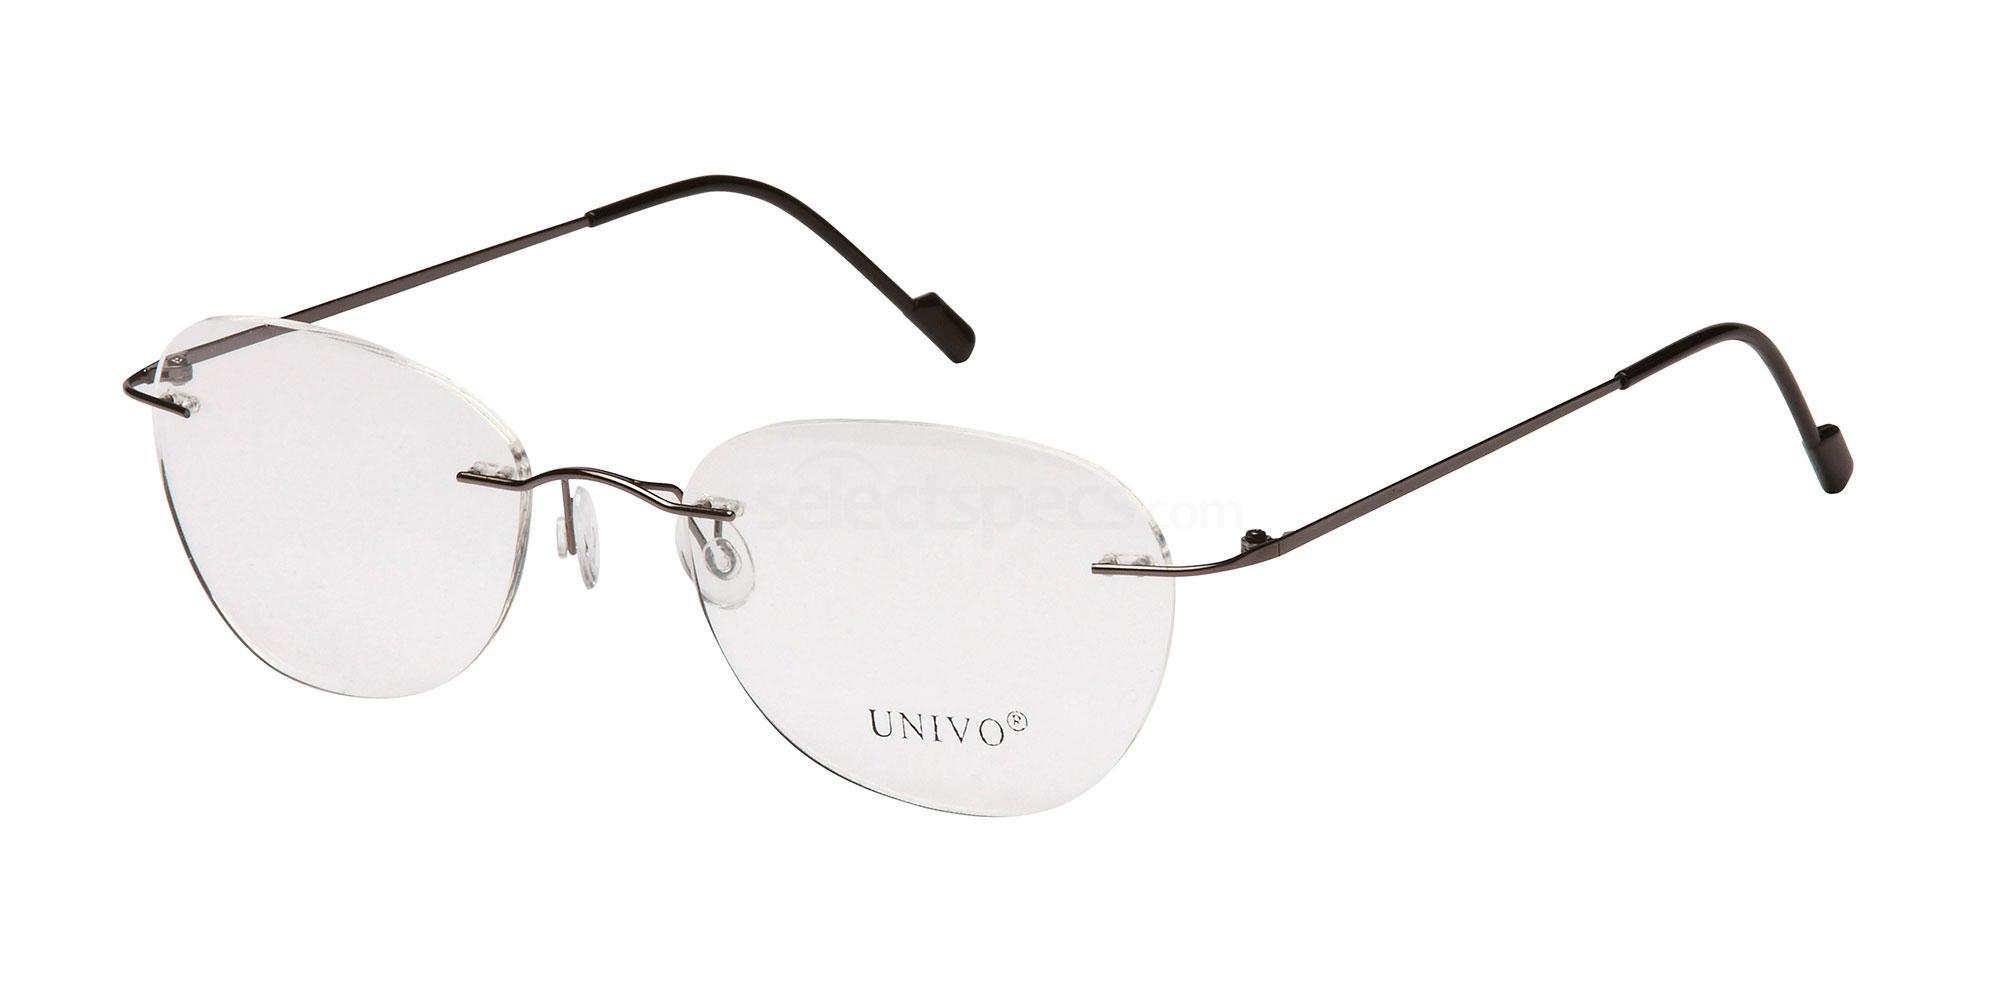 C1 U612 Glasses, Univo